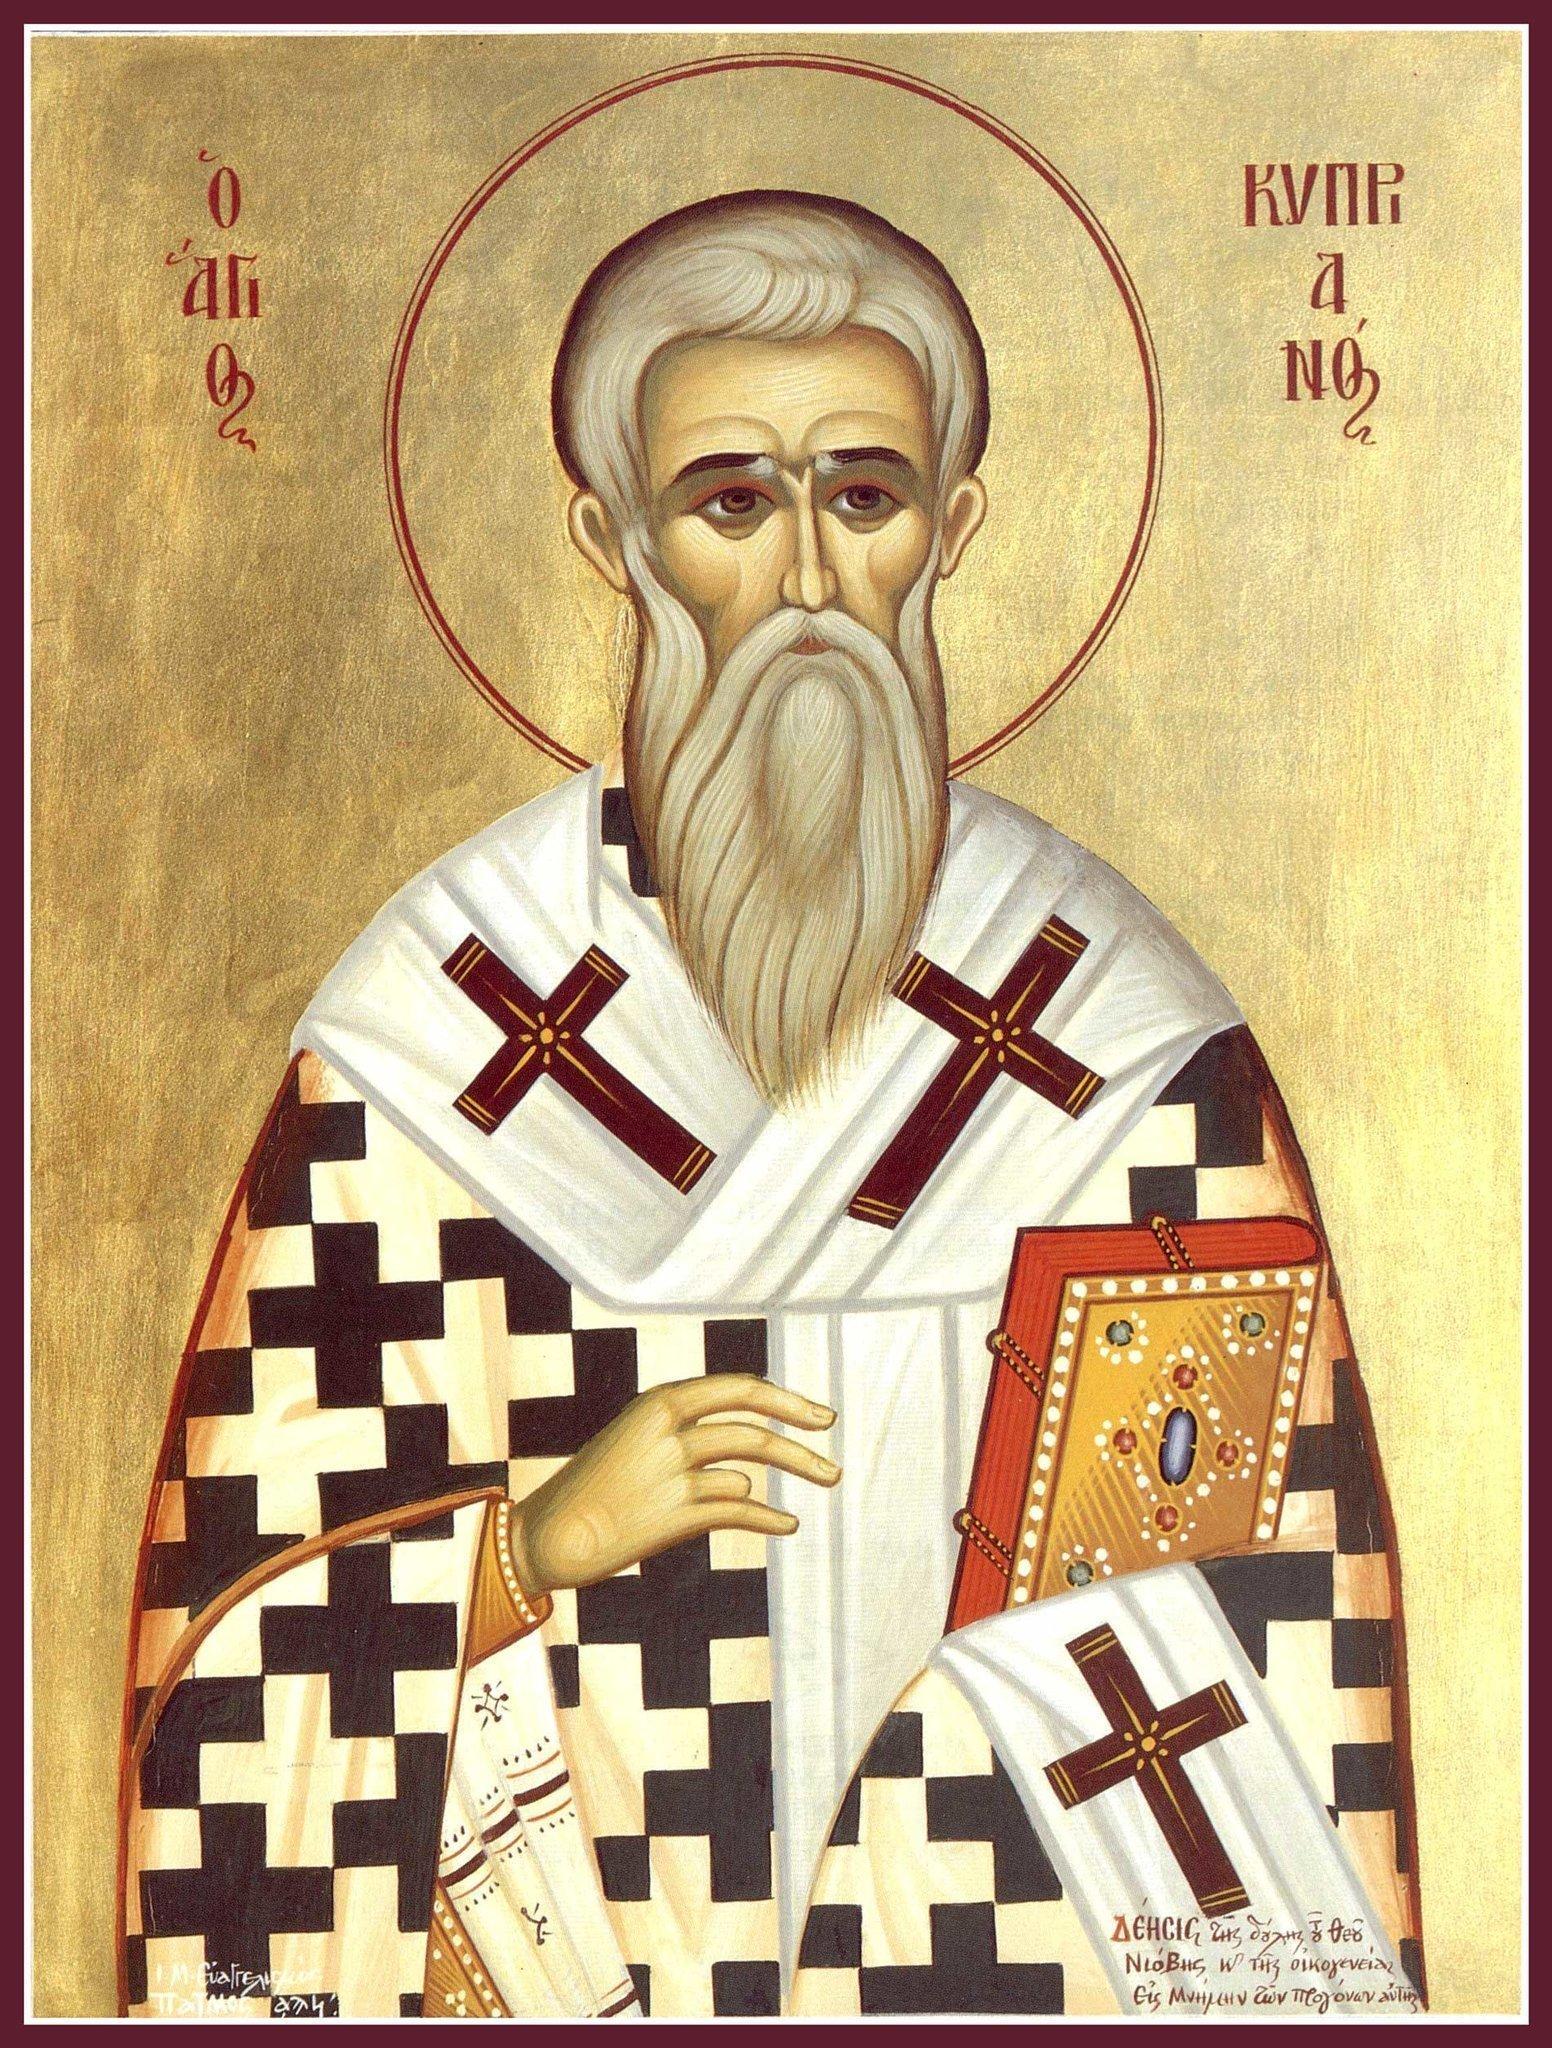 Епископу Киприяну Антиохскому молитва